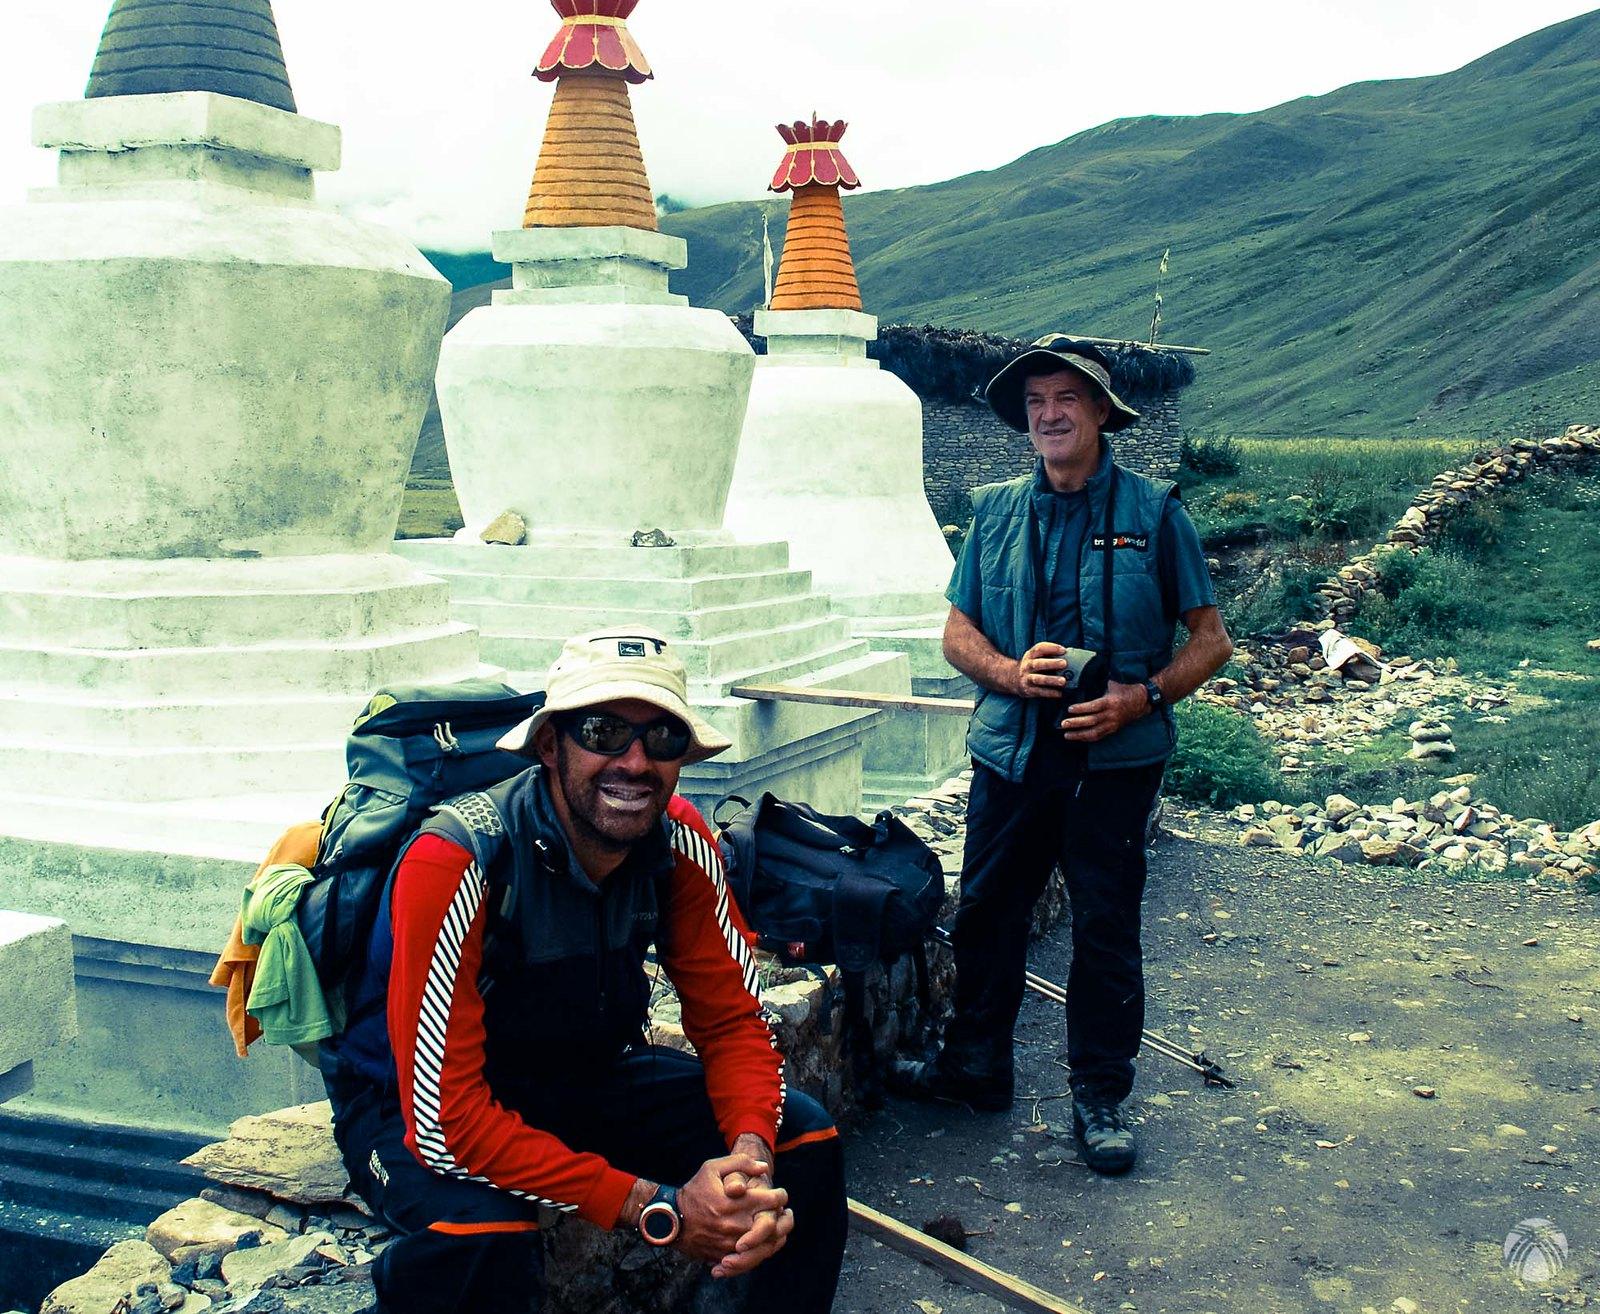 Con Carlos en el Alto Dolpo. Himalaya del Nepal.